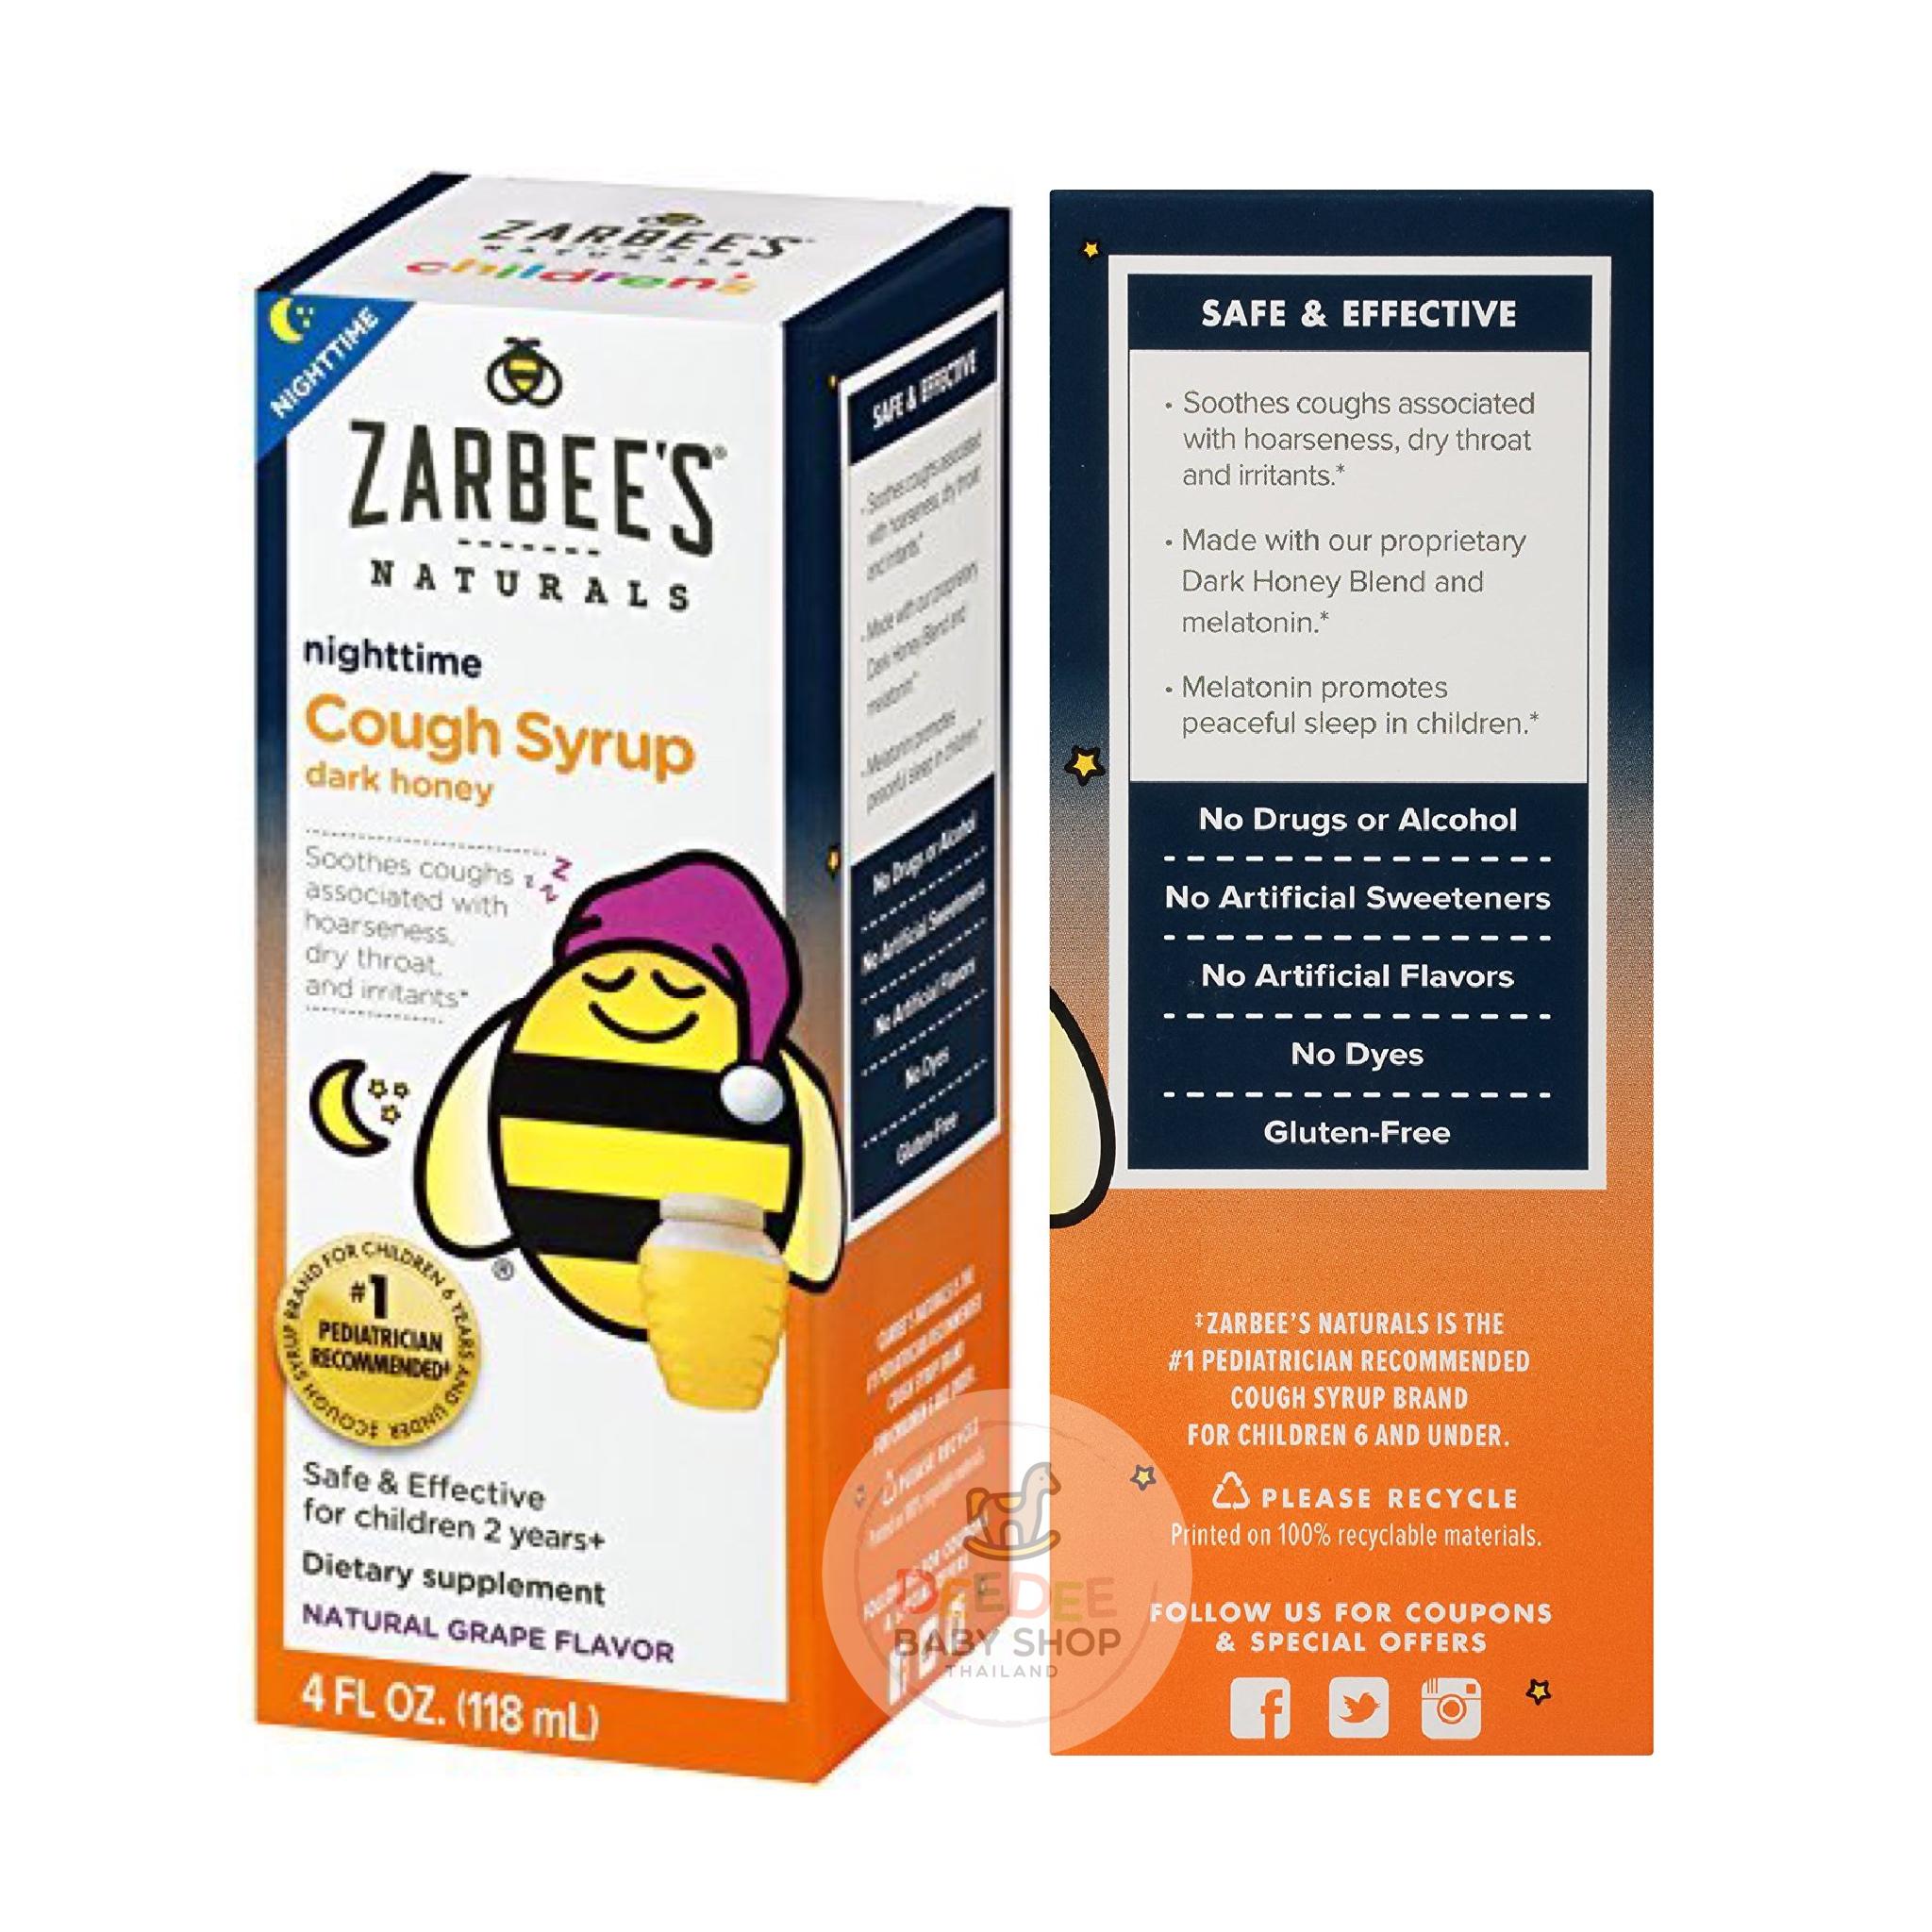 สมุนไพรบรรเทาอาการไอช่วงกลางคืนสำหรับเด็ก ZARBEE'S Naturals Children's Nighttime Cough Syrup Dark Honey